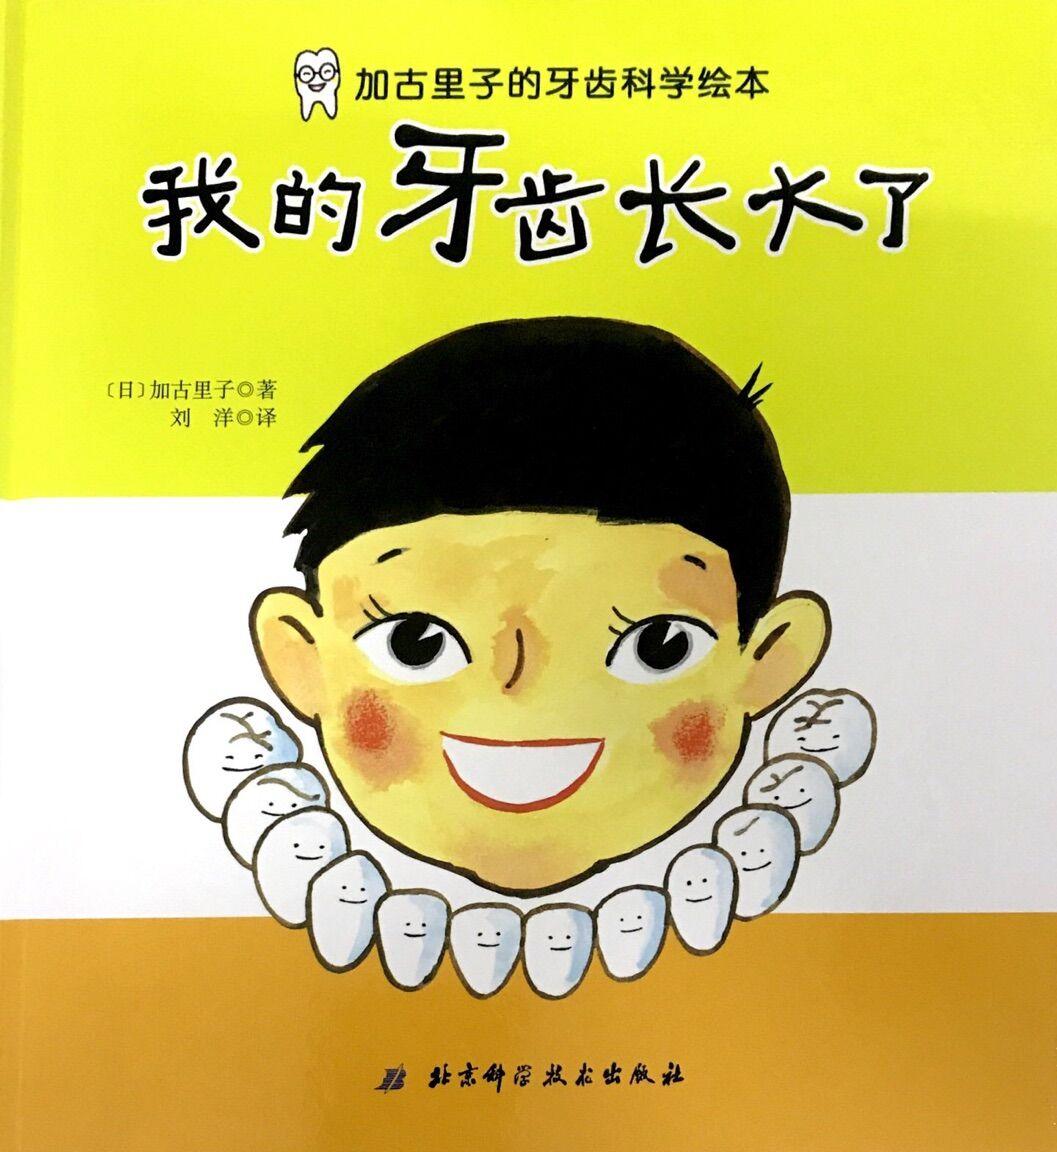 加古里子的牙齿科学绘本:我的牙齿长大了